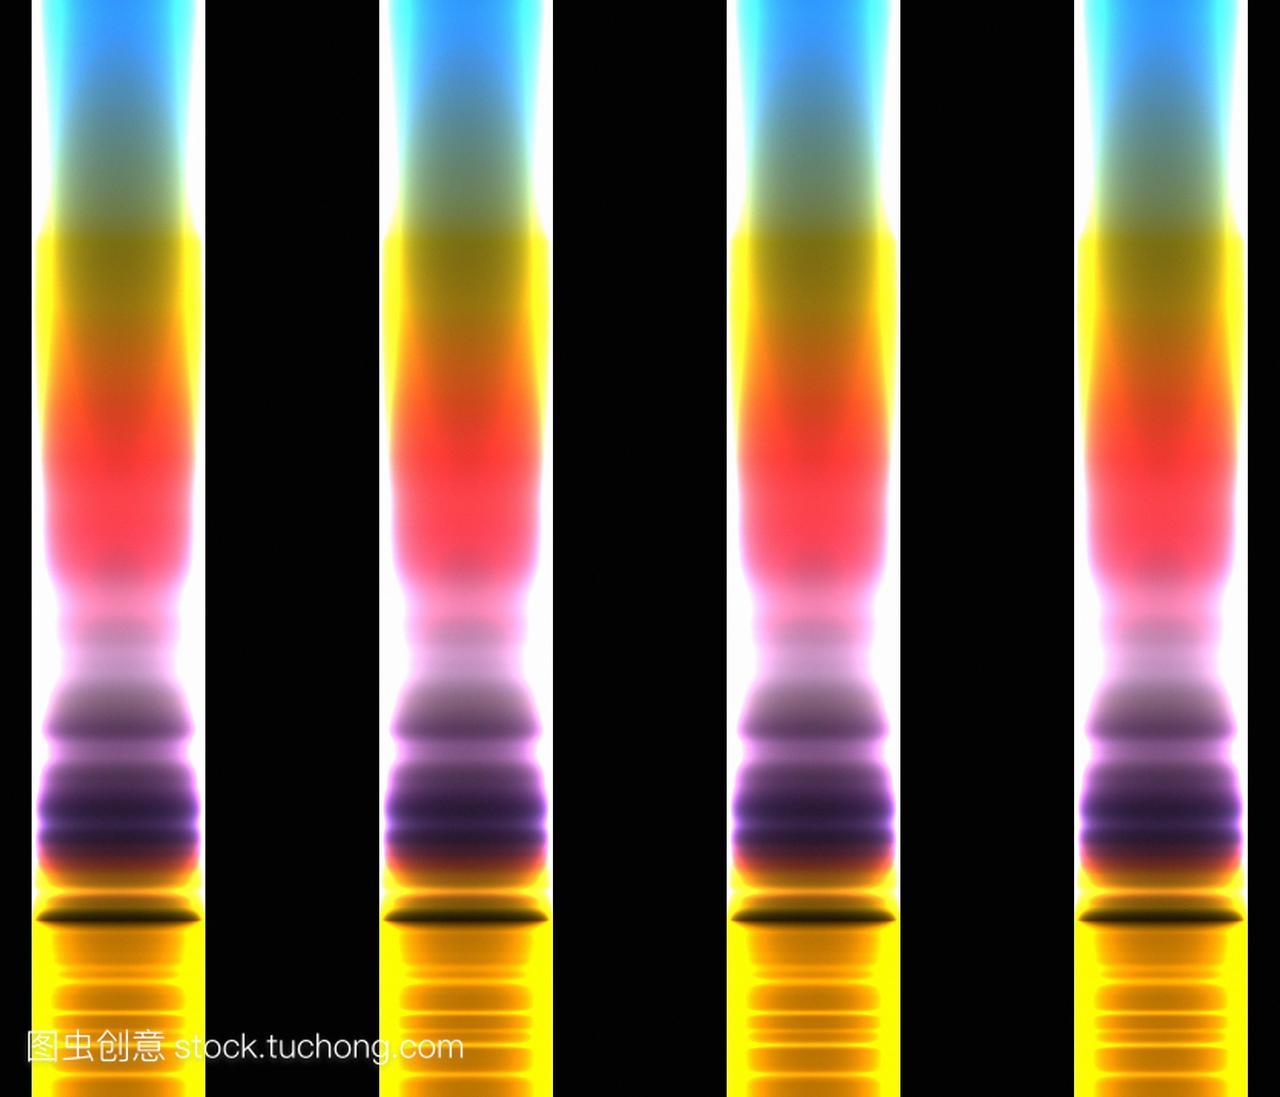 视频法。用化学法表示不同色谱色谱分离的彩色春日物质图片